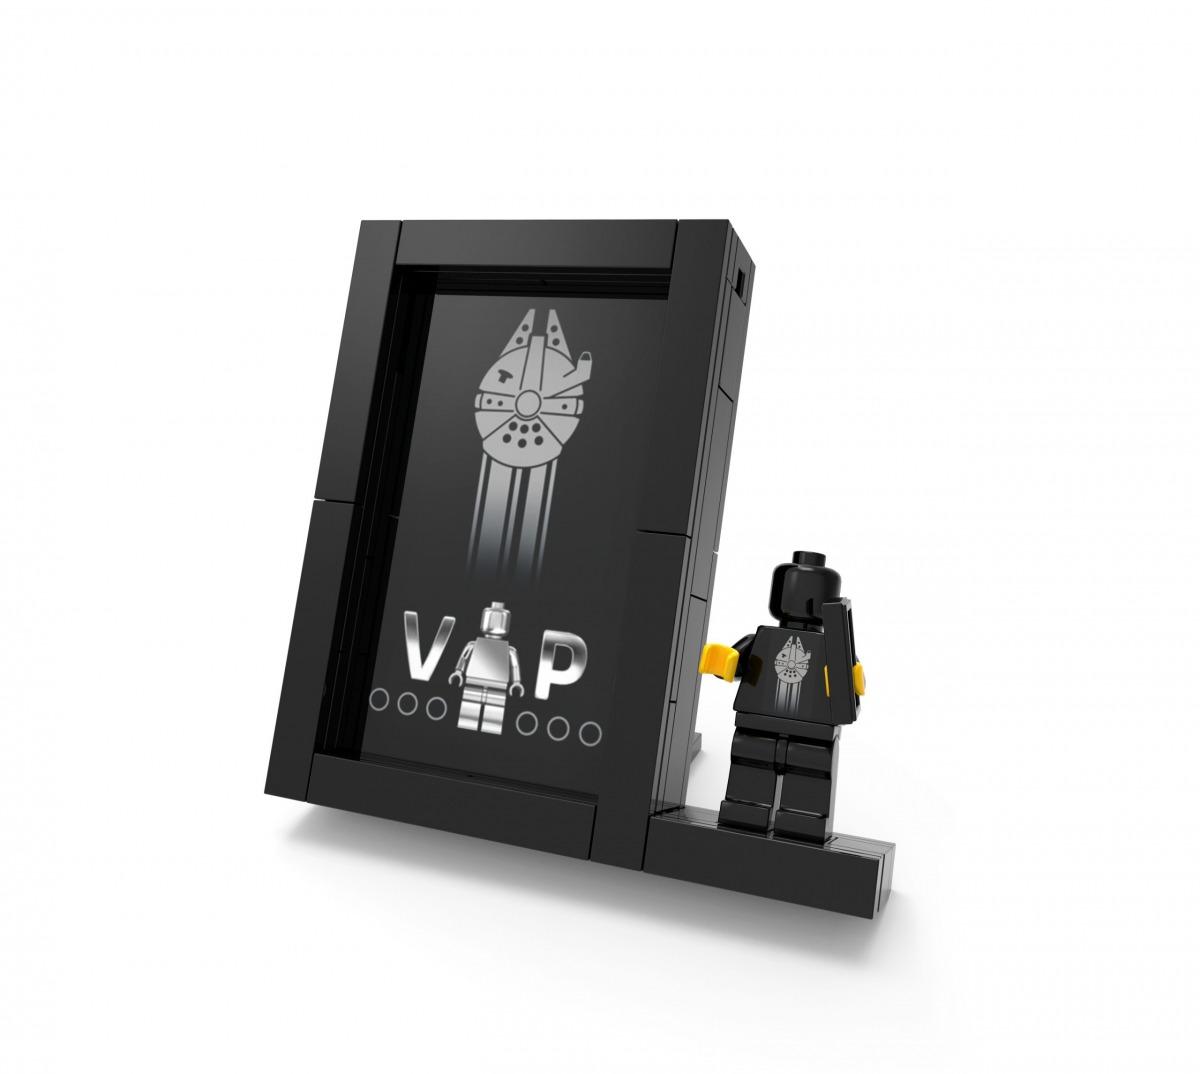 de aanbieding van de gratis exclusieve lego black card displaystandaard 5005747 scaled